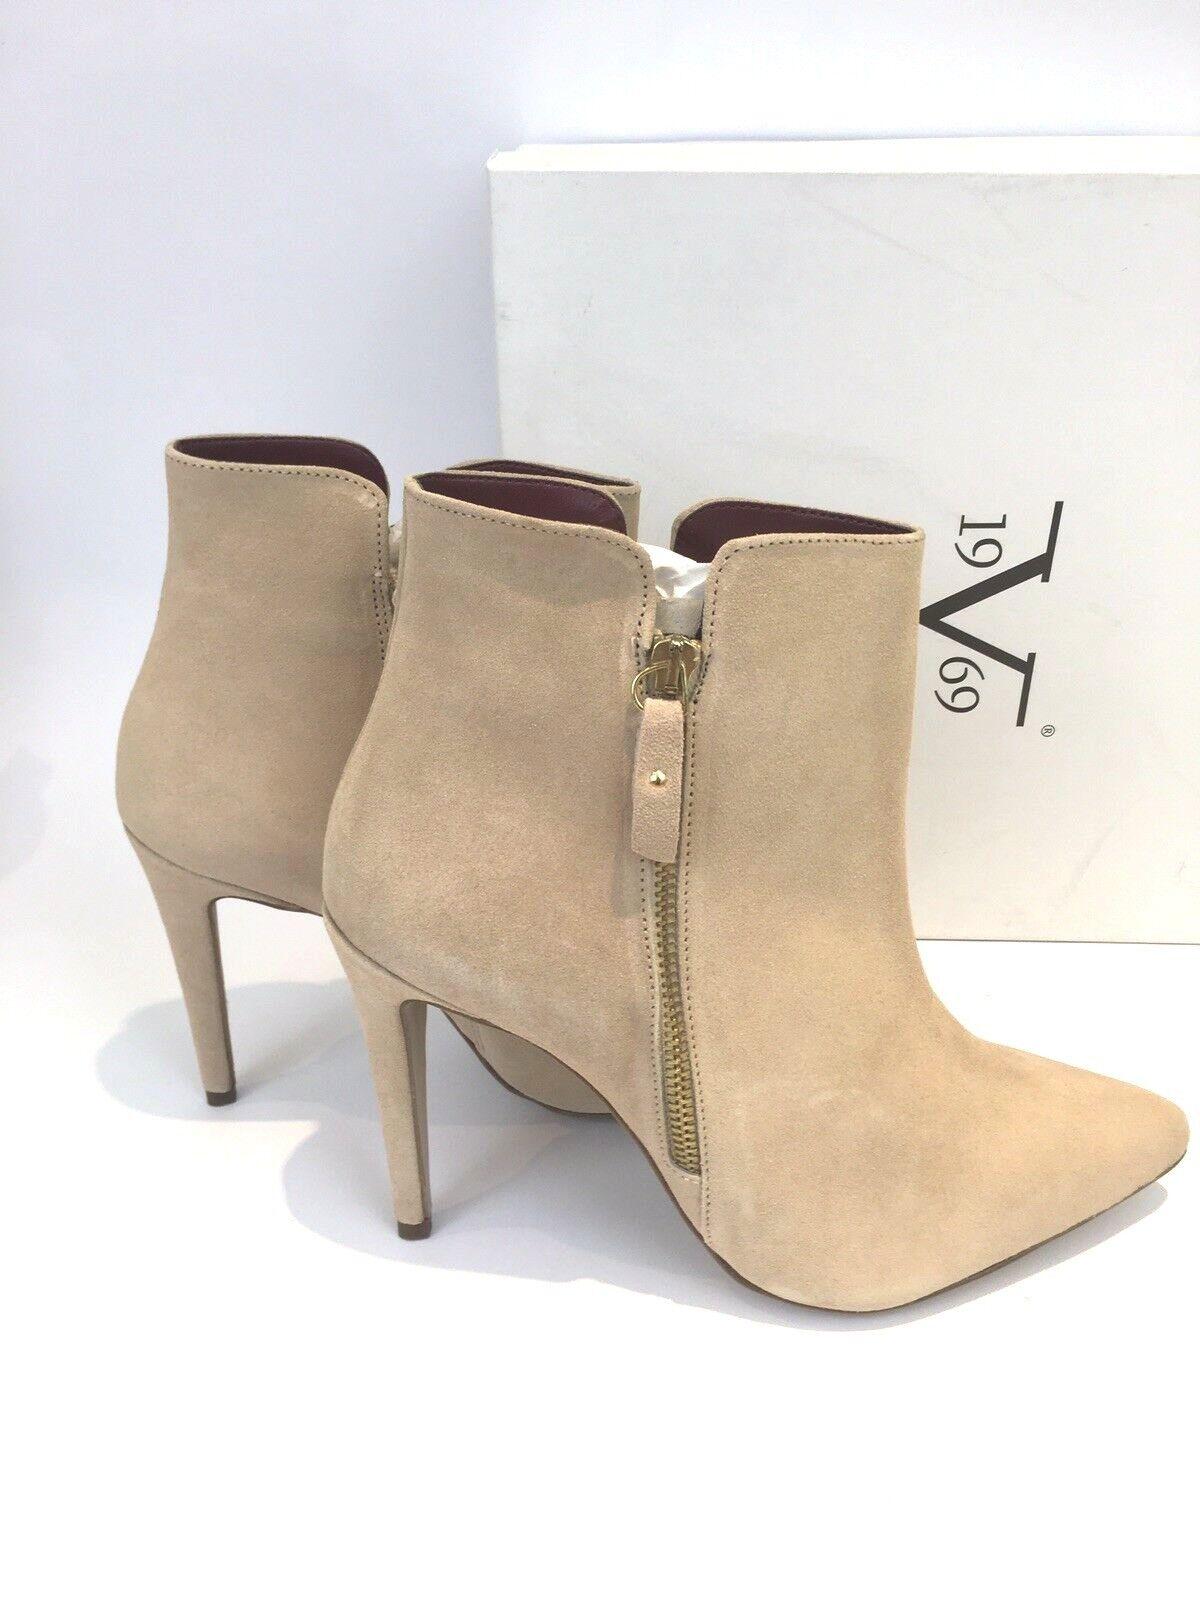 Versace V 1969 Beige Beige Beige Suede Pointed Toe Ankle Boots Lou Tortora Size 41 65af12